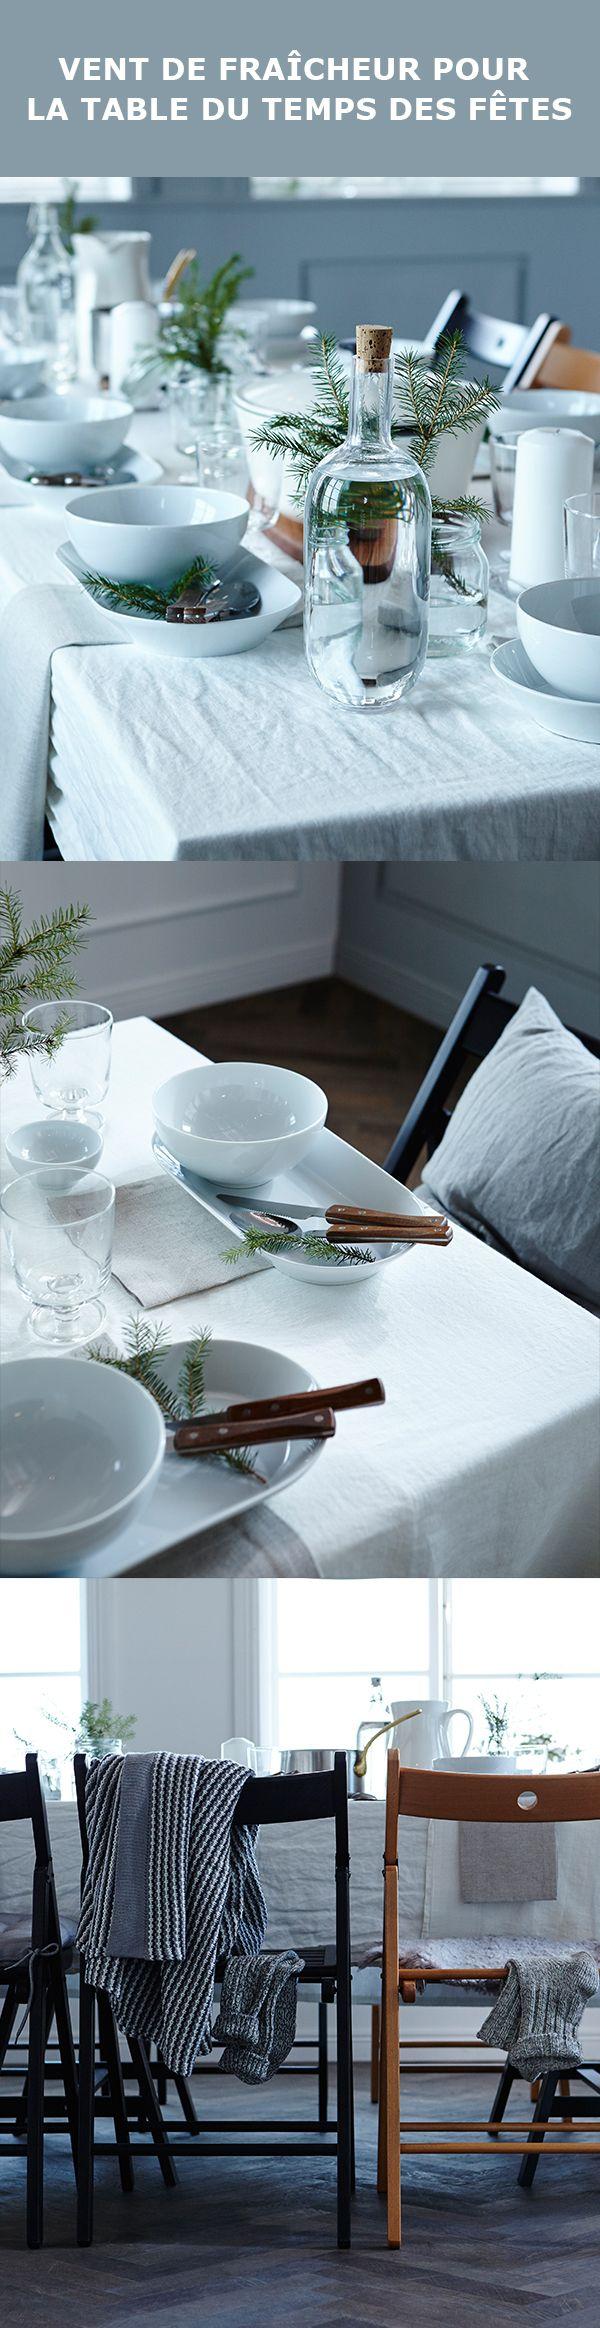 Parfois, les décors les plus simples sont les plus charmants. Le secret d'une table épurée est l'attention portée aux détails. Agencez une nappe blanche impeccable aux plats de service IKEA 365+, puis ajoutez des touches de verdure. C'est aussi simple que ça !